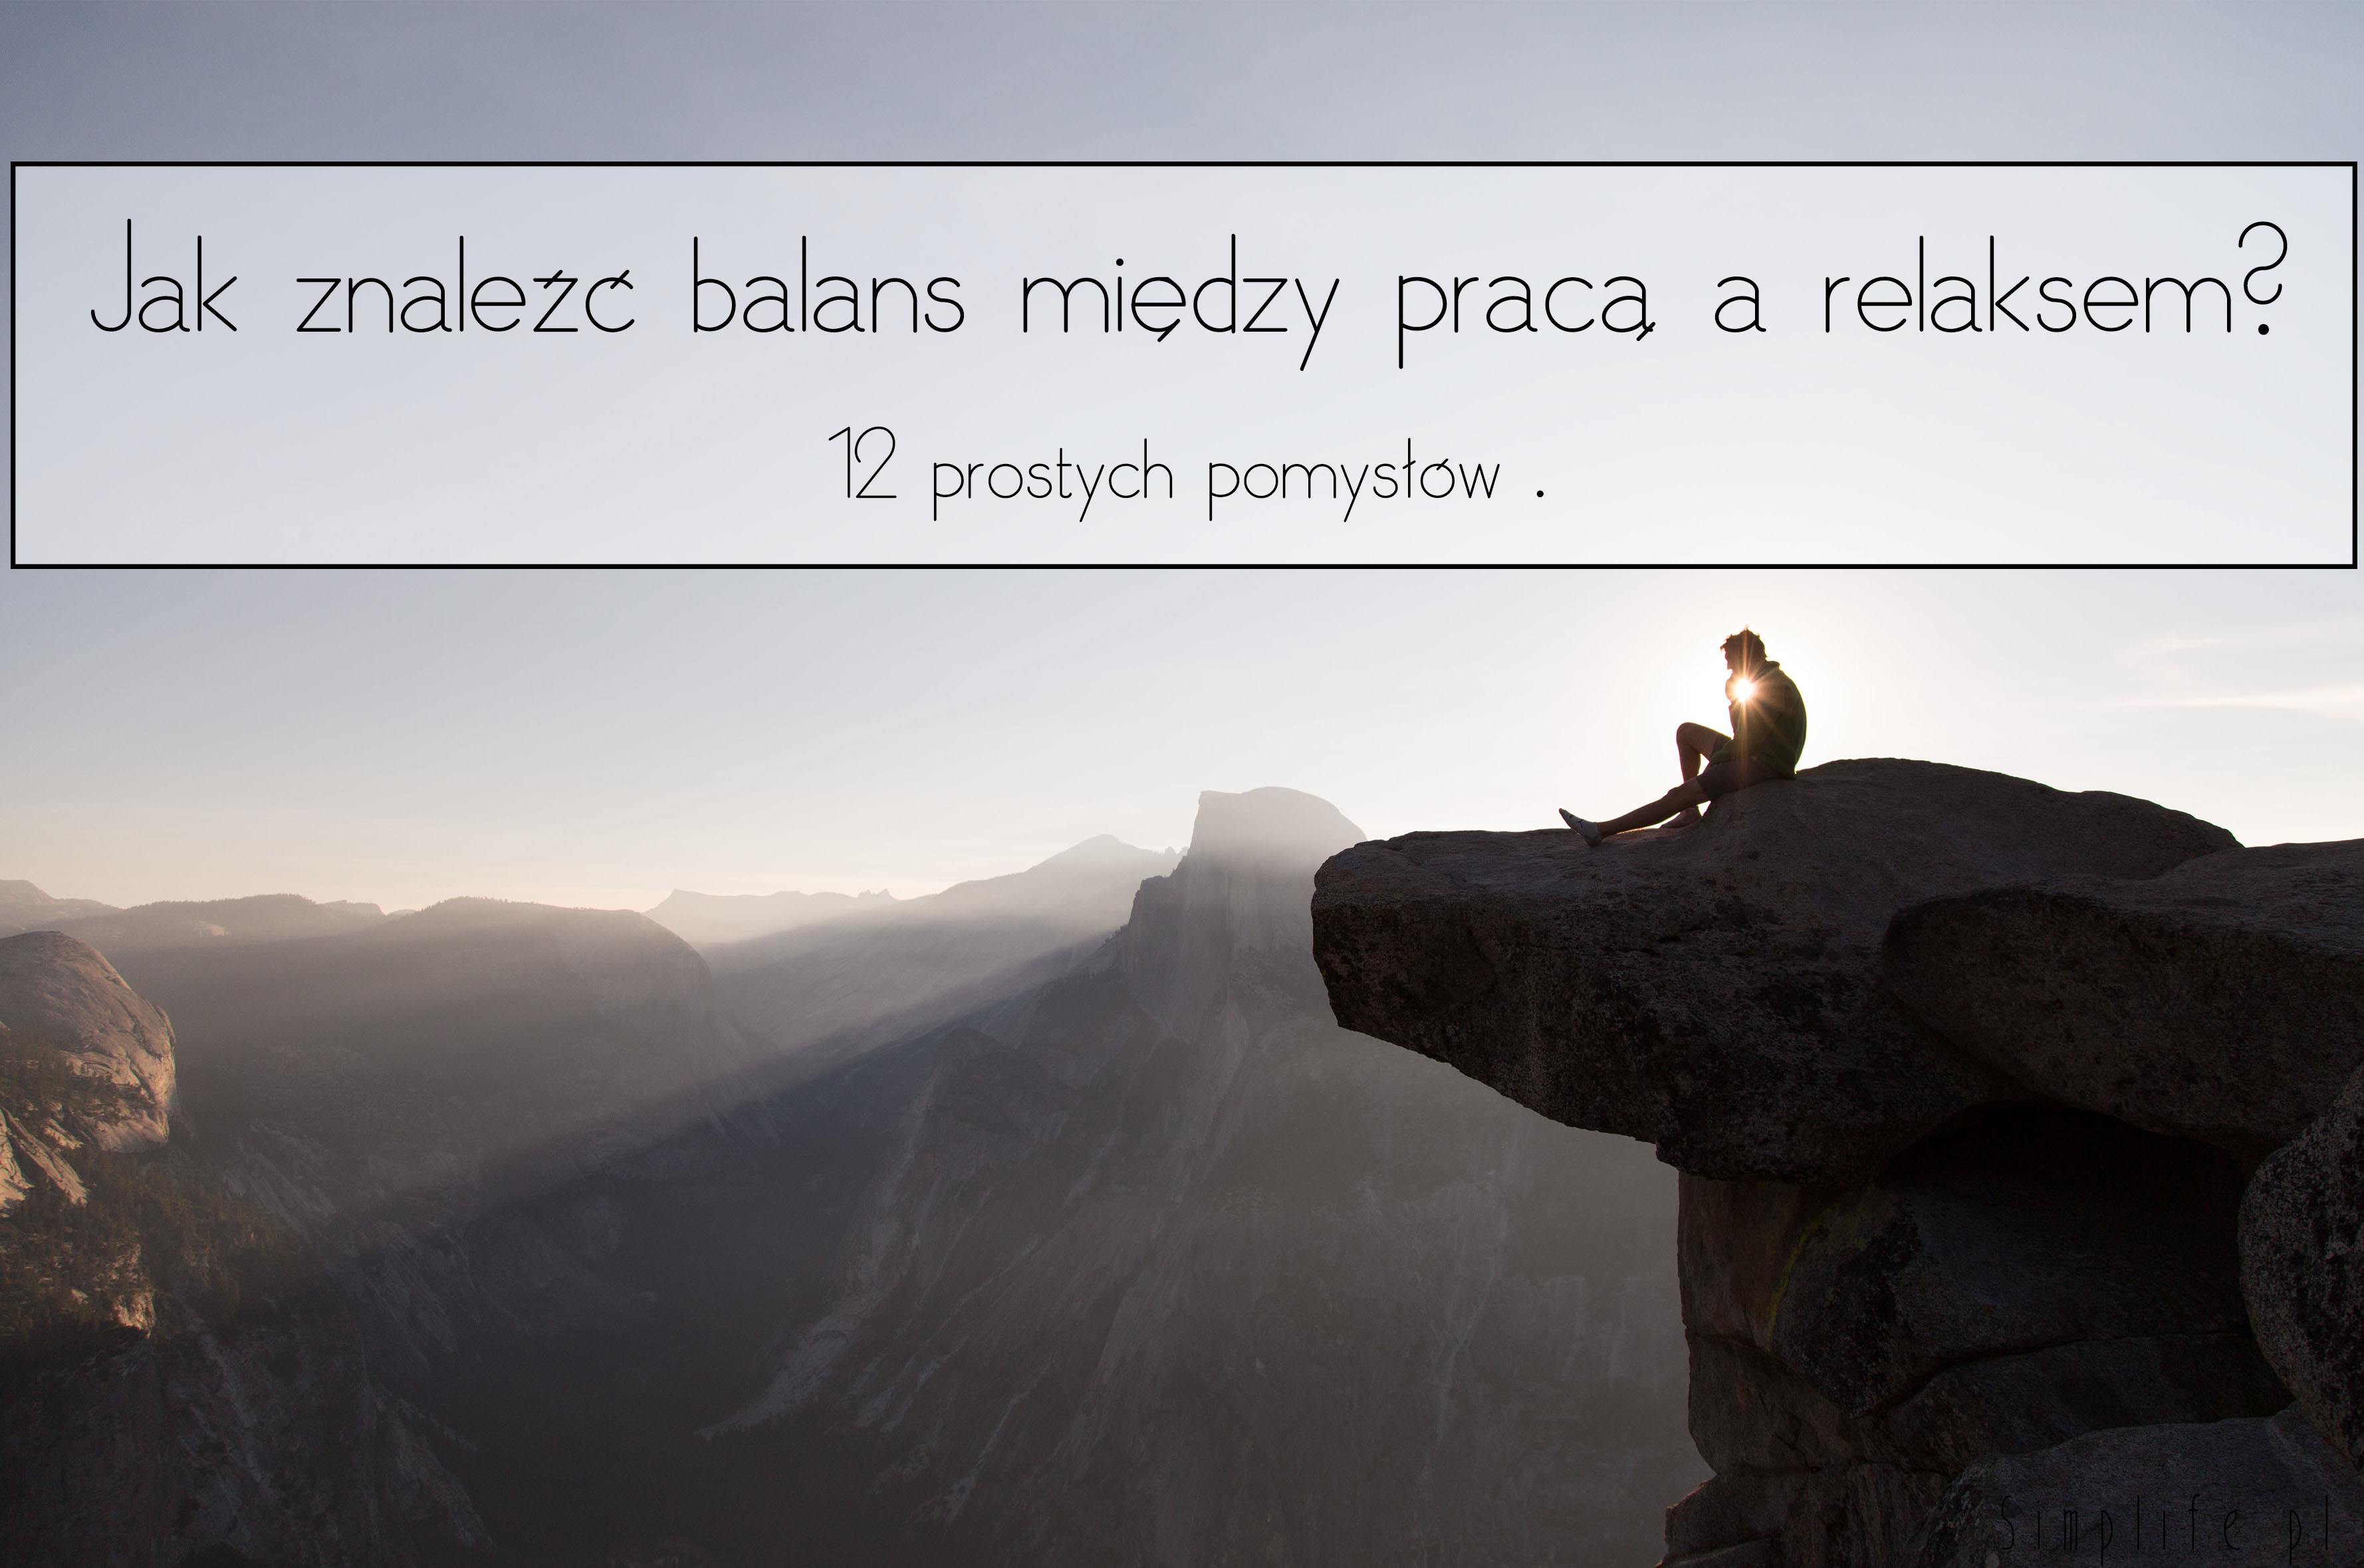 balans między pracą a relaksem